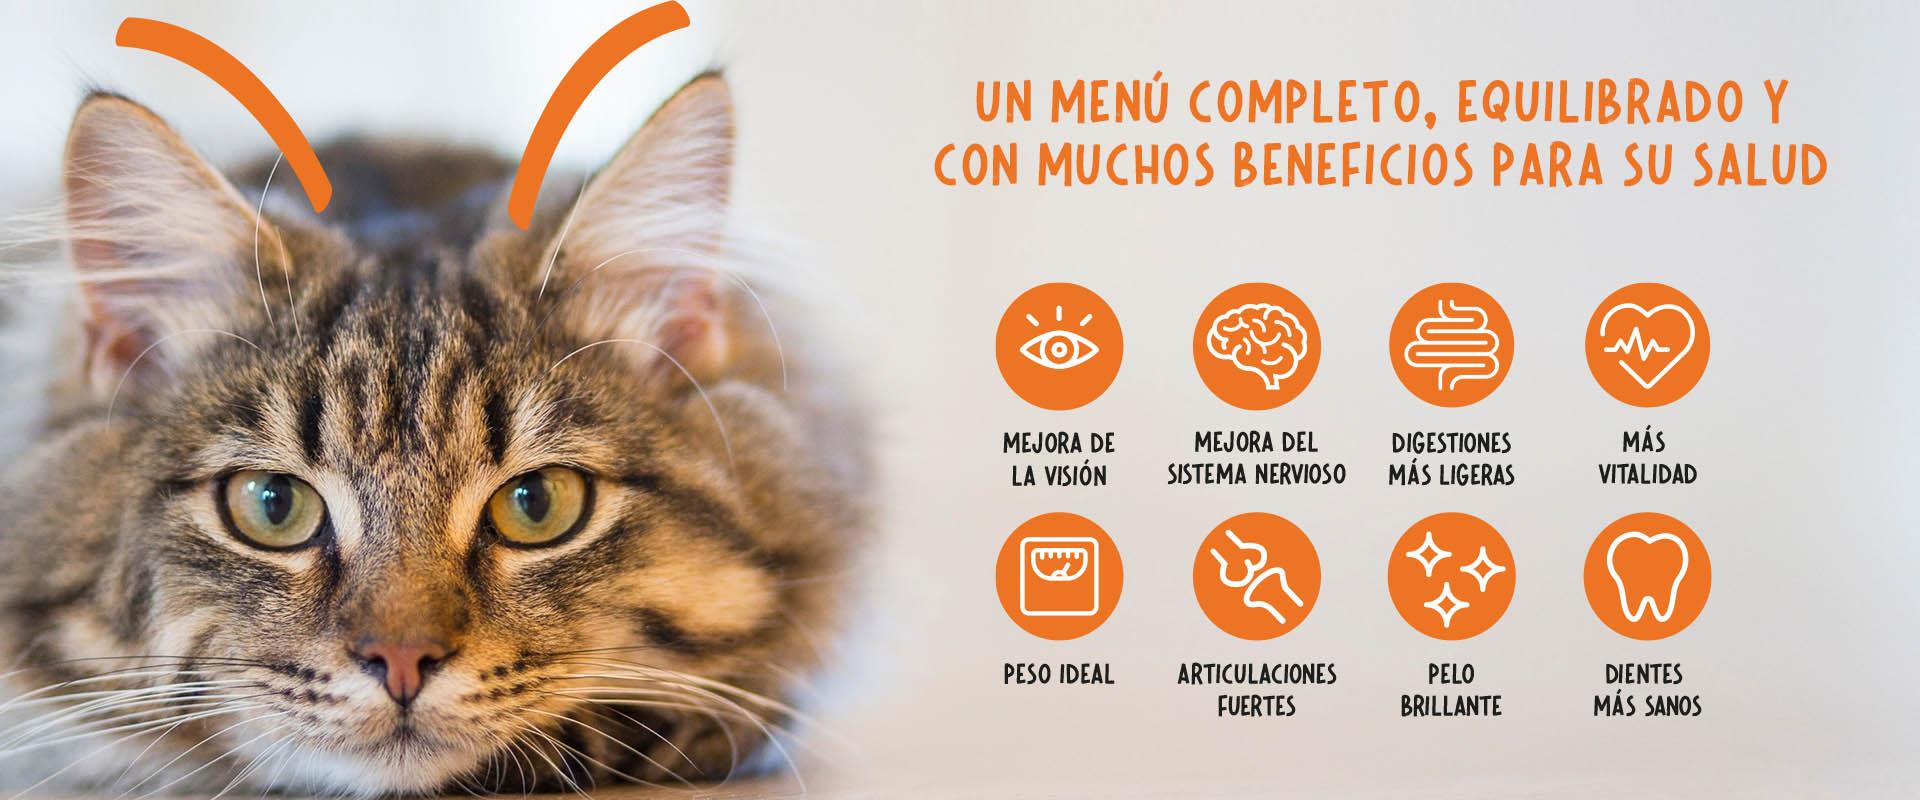 Tienda de gatos_banner 2_v2